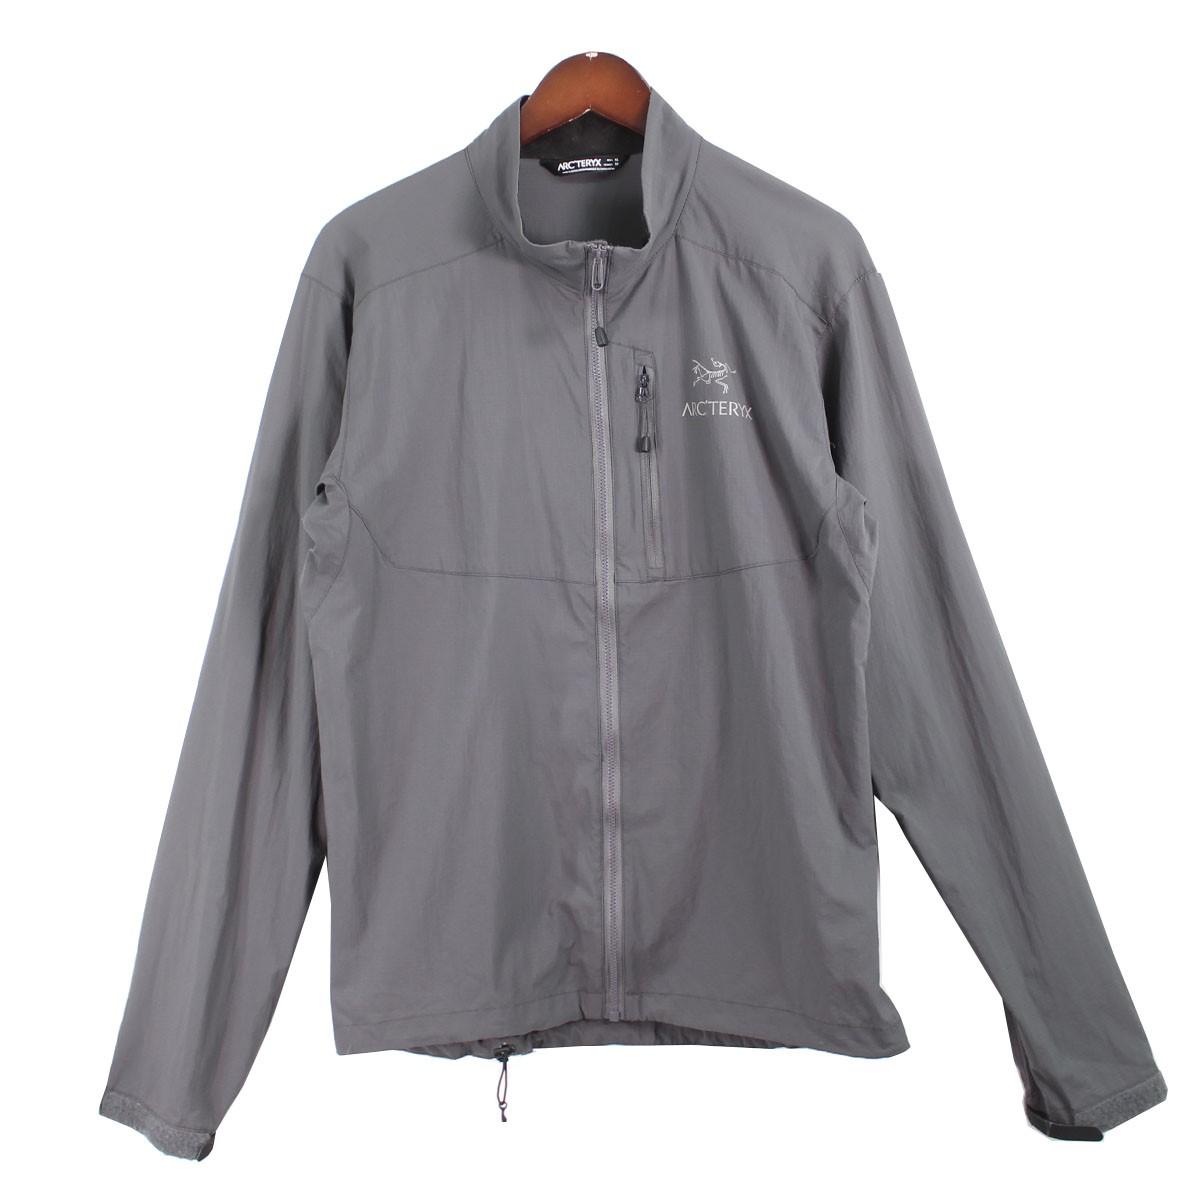 【中古】ARCTERYX Squamish Jacket スコーミッシュジャケット グレー サイズ:XS 【200620】(アークテリクス)